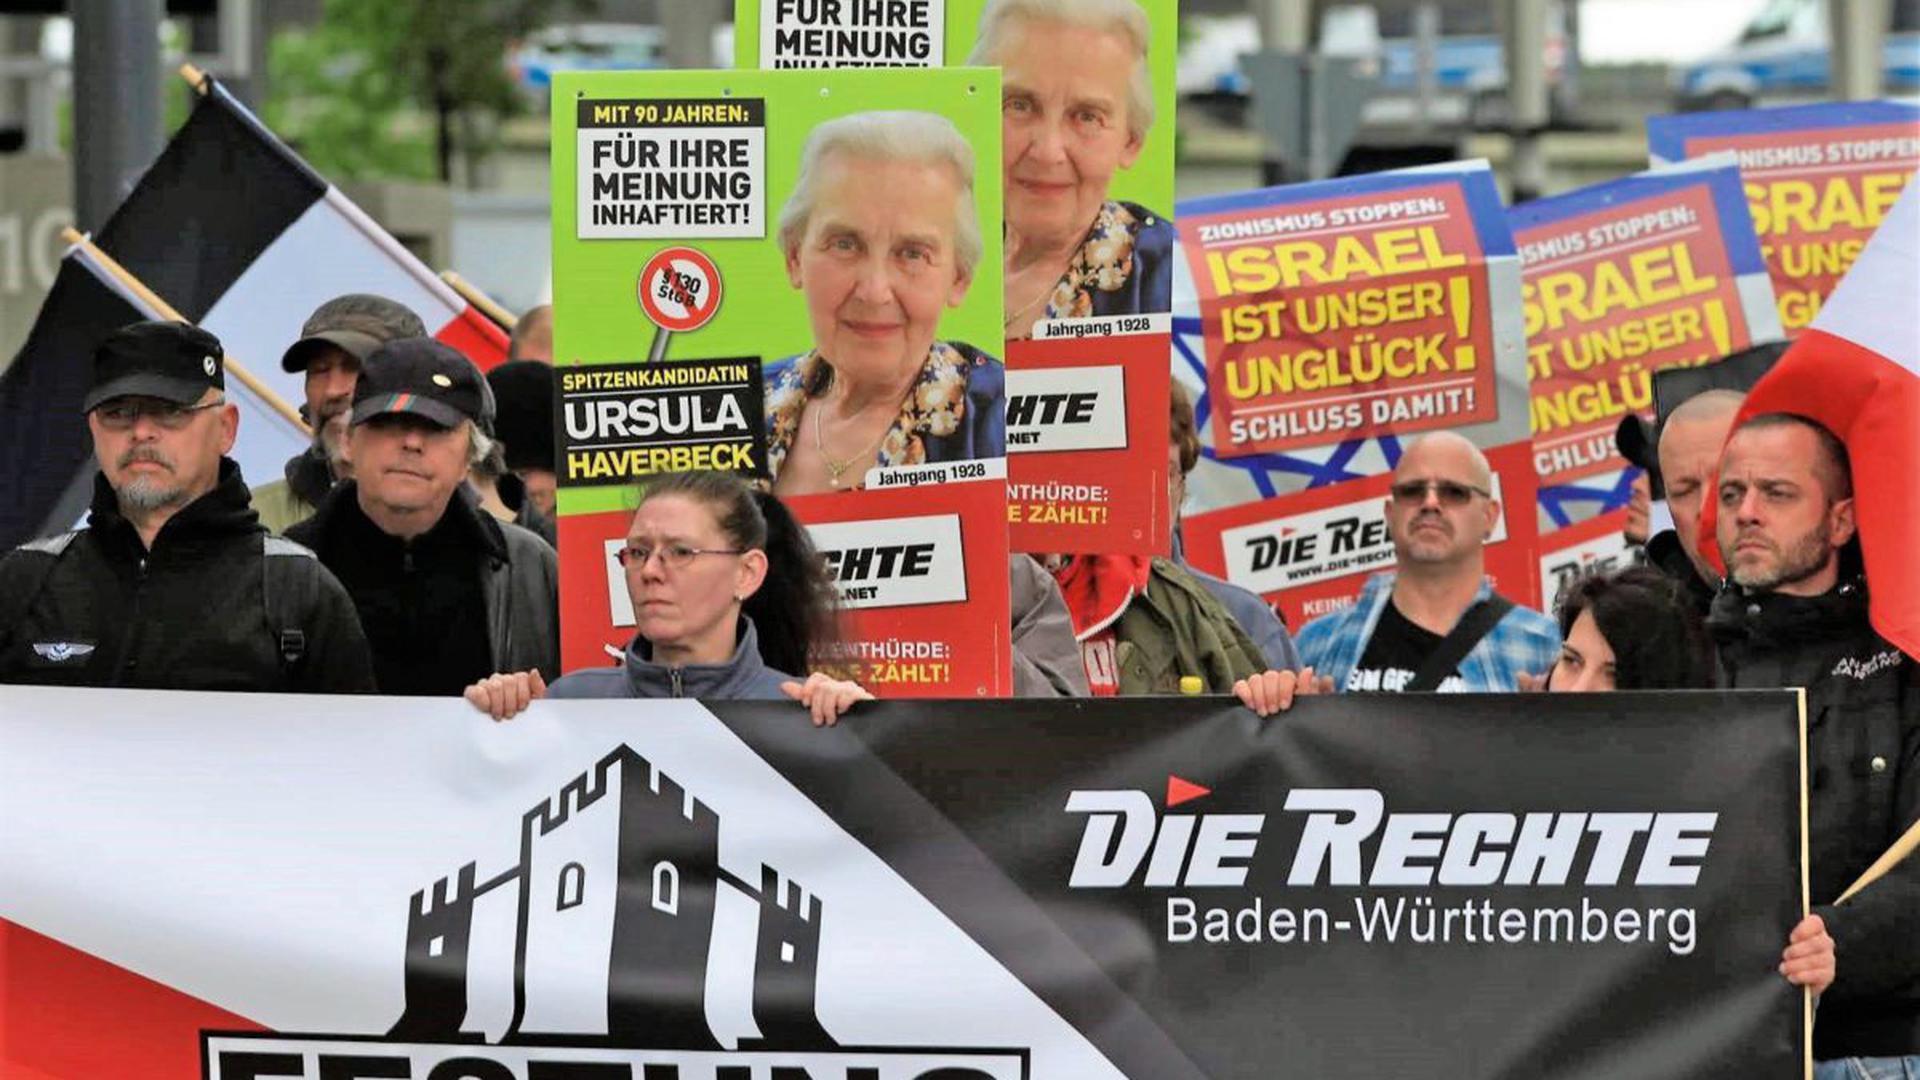 """Anhänger von Die Rechte marschieren mit Wahlplakaten und Fahnen:  Im Europawahlkampf 2019 war die Partei """"Die Rechte"""" in der Goldstadt unter anderem mit einer Demonstration aktiv."""